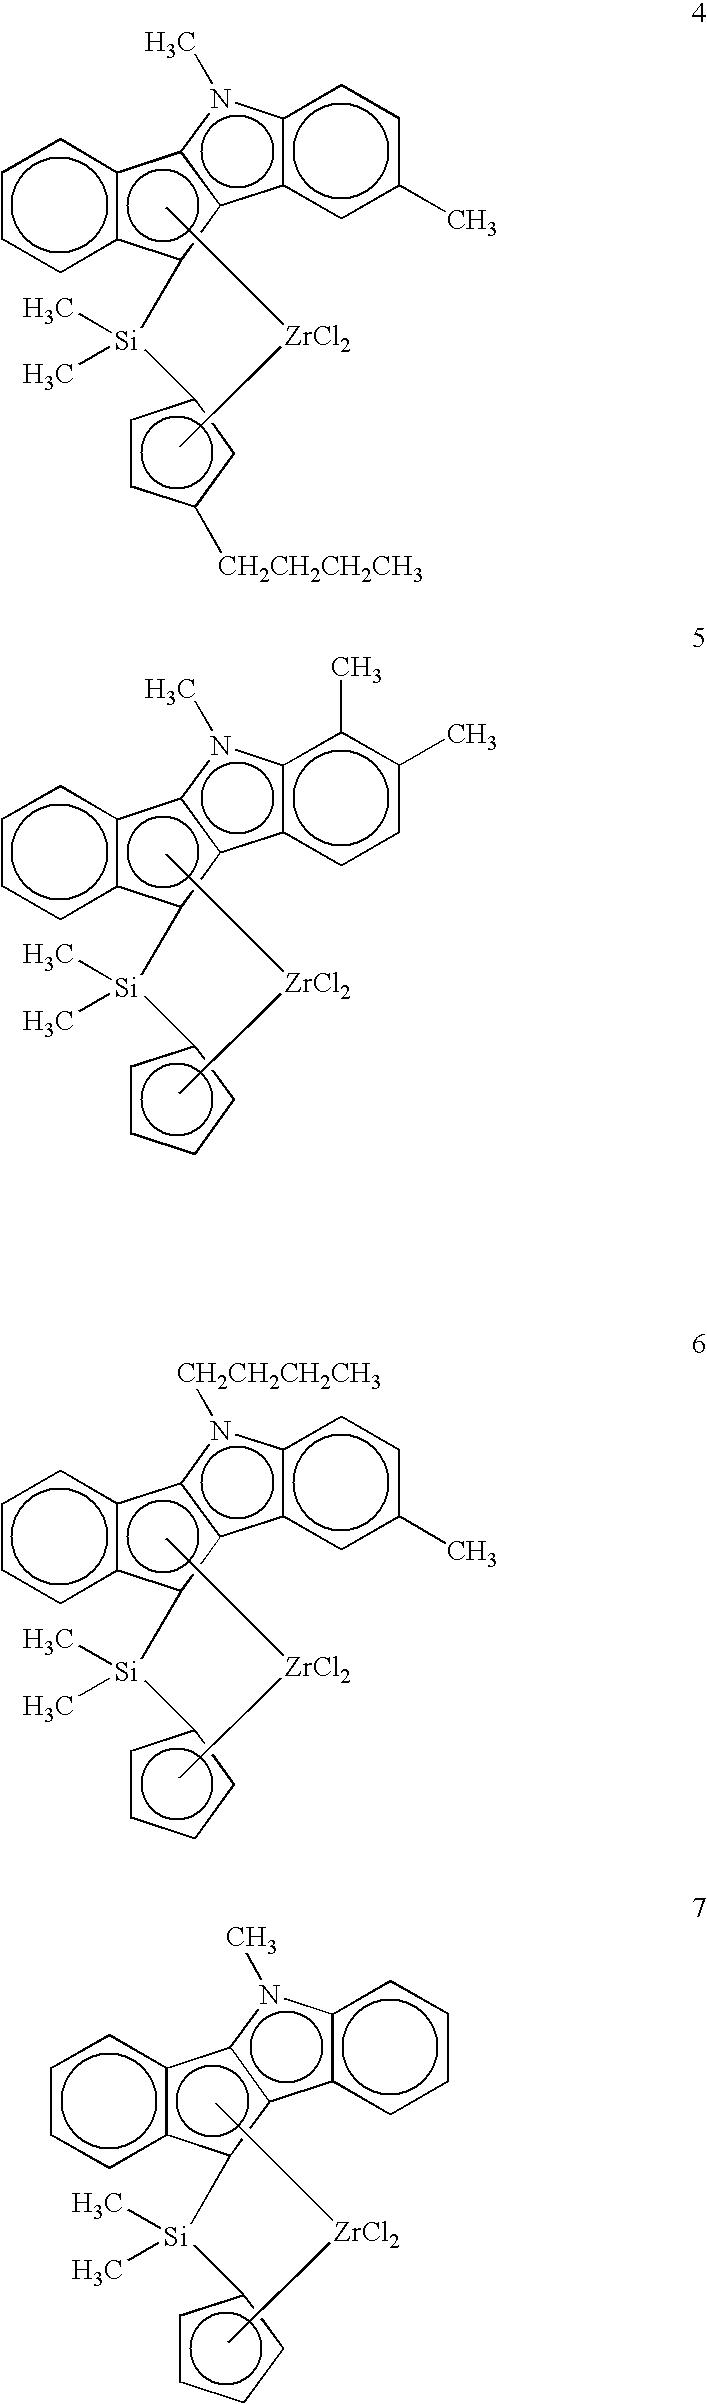 Figure US07723451-20100525-C00006